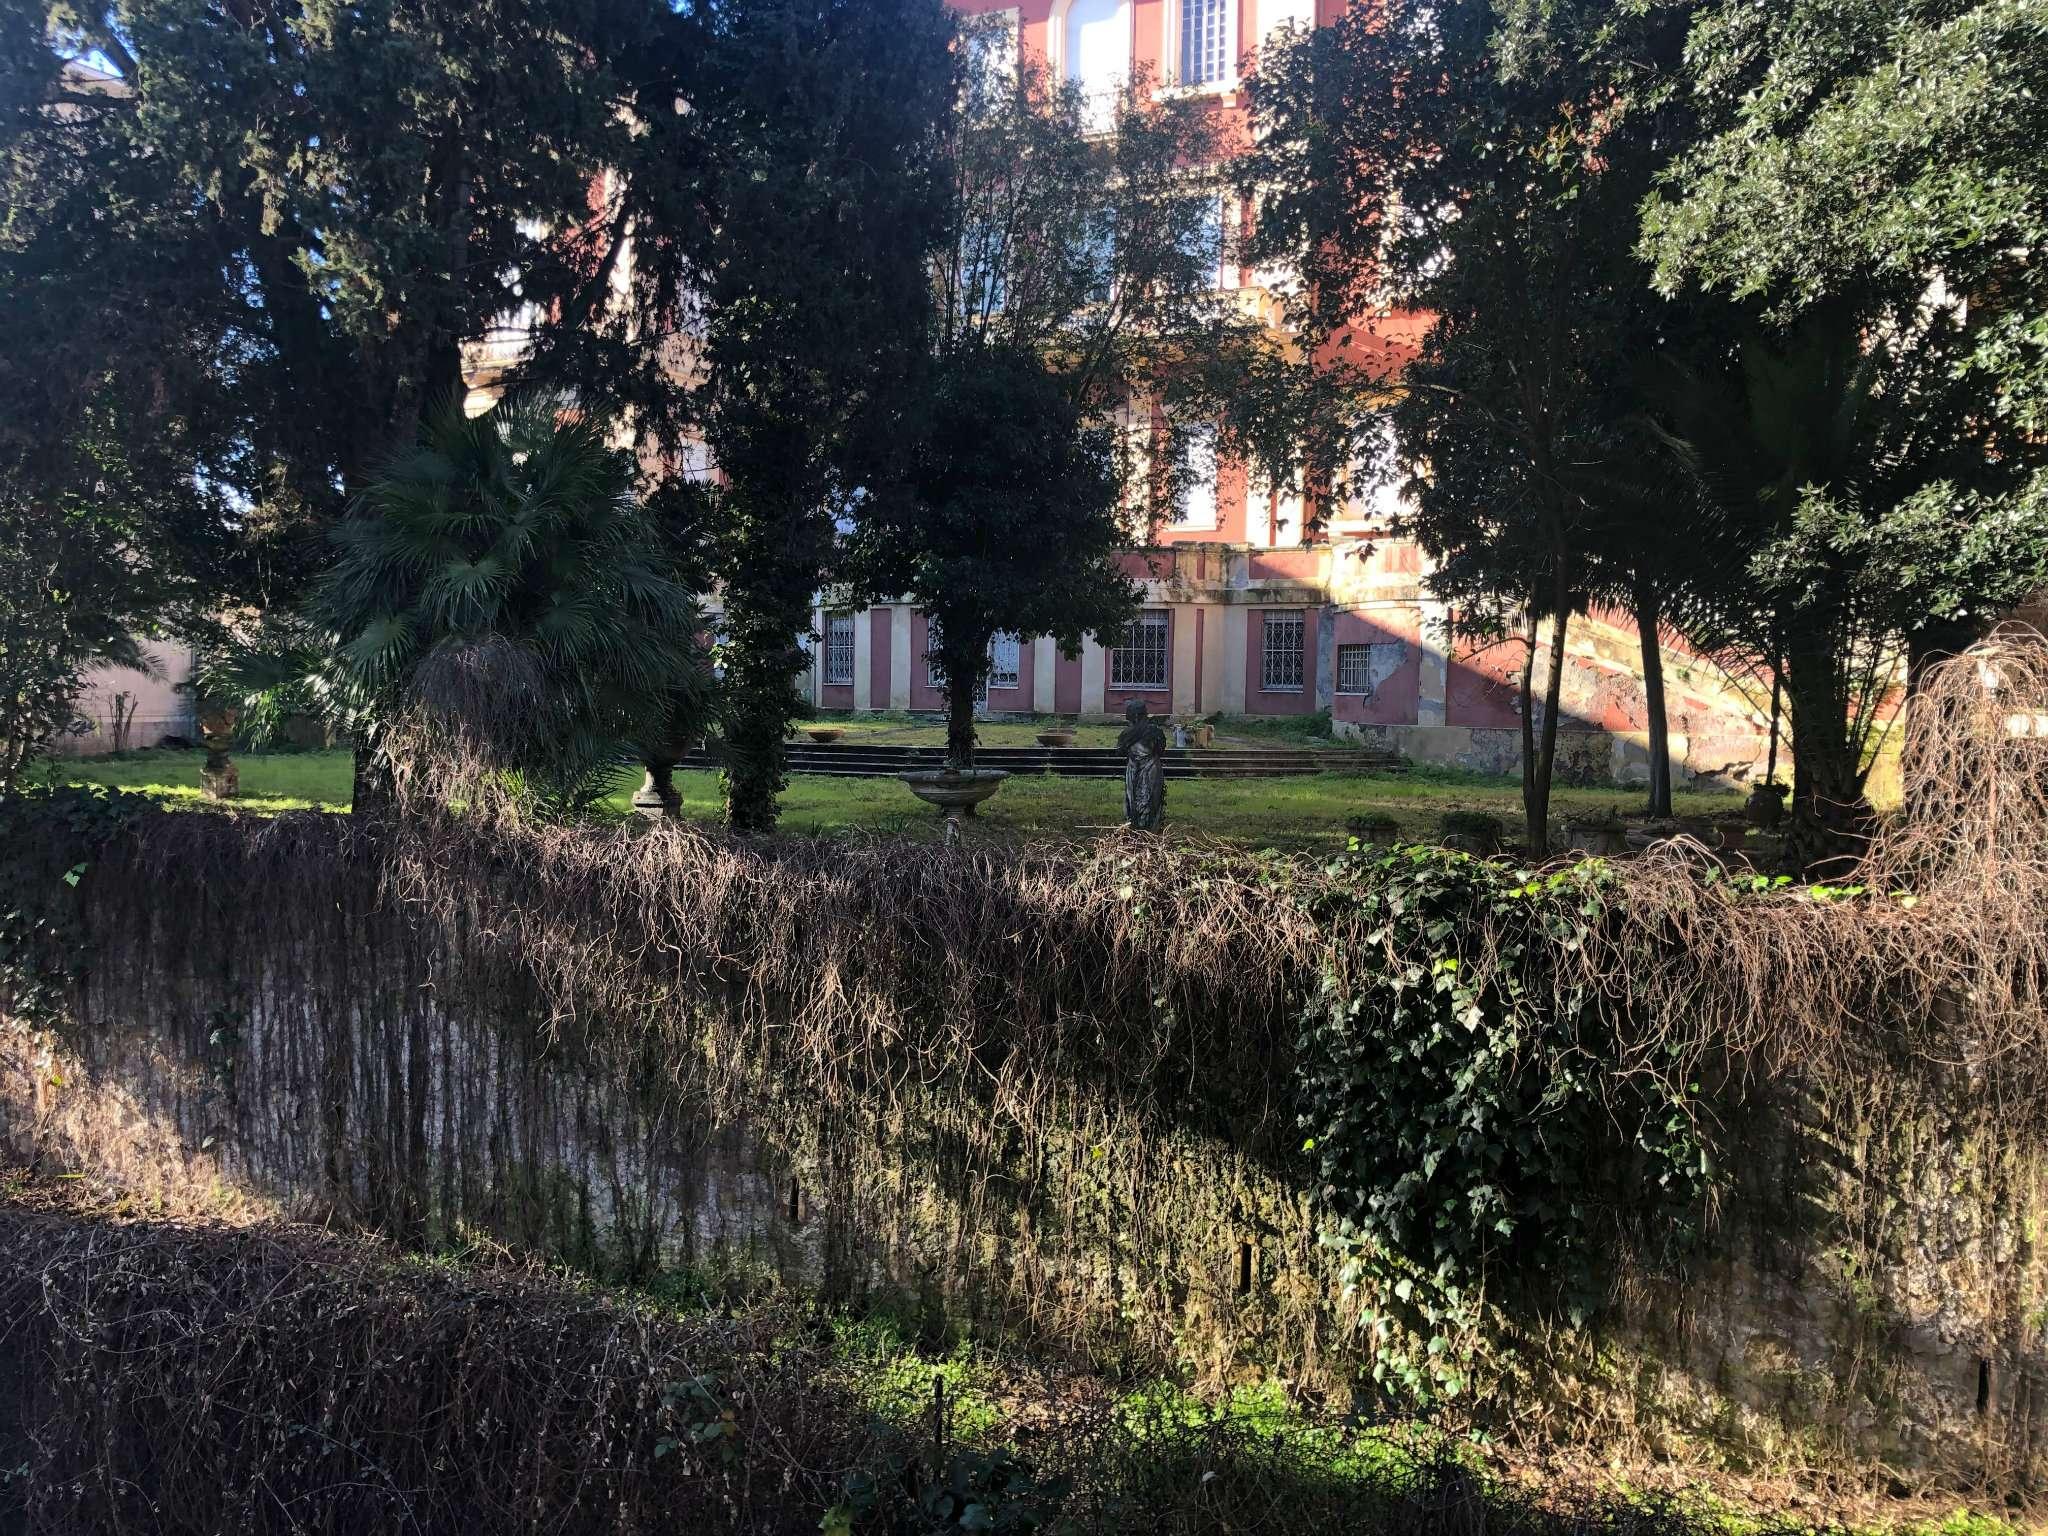 Appartamento in vendita a Roma, 9 locali, zona Zona: 2 . Flaminio, Parioli, Pinciano, Villa Borghese, prezzo € 1.200.000 | CambioCasa.it